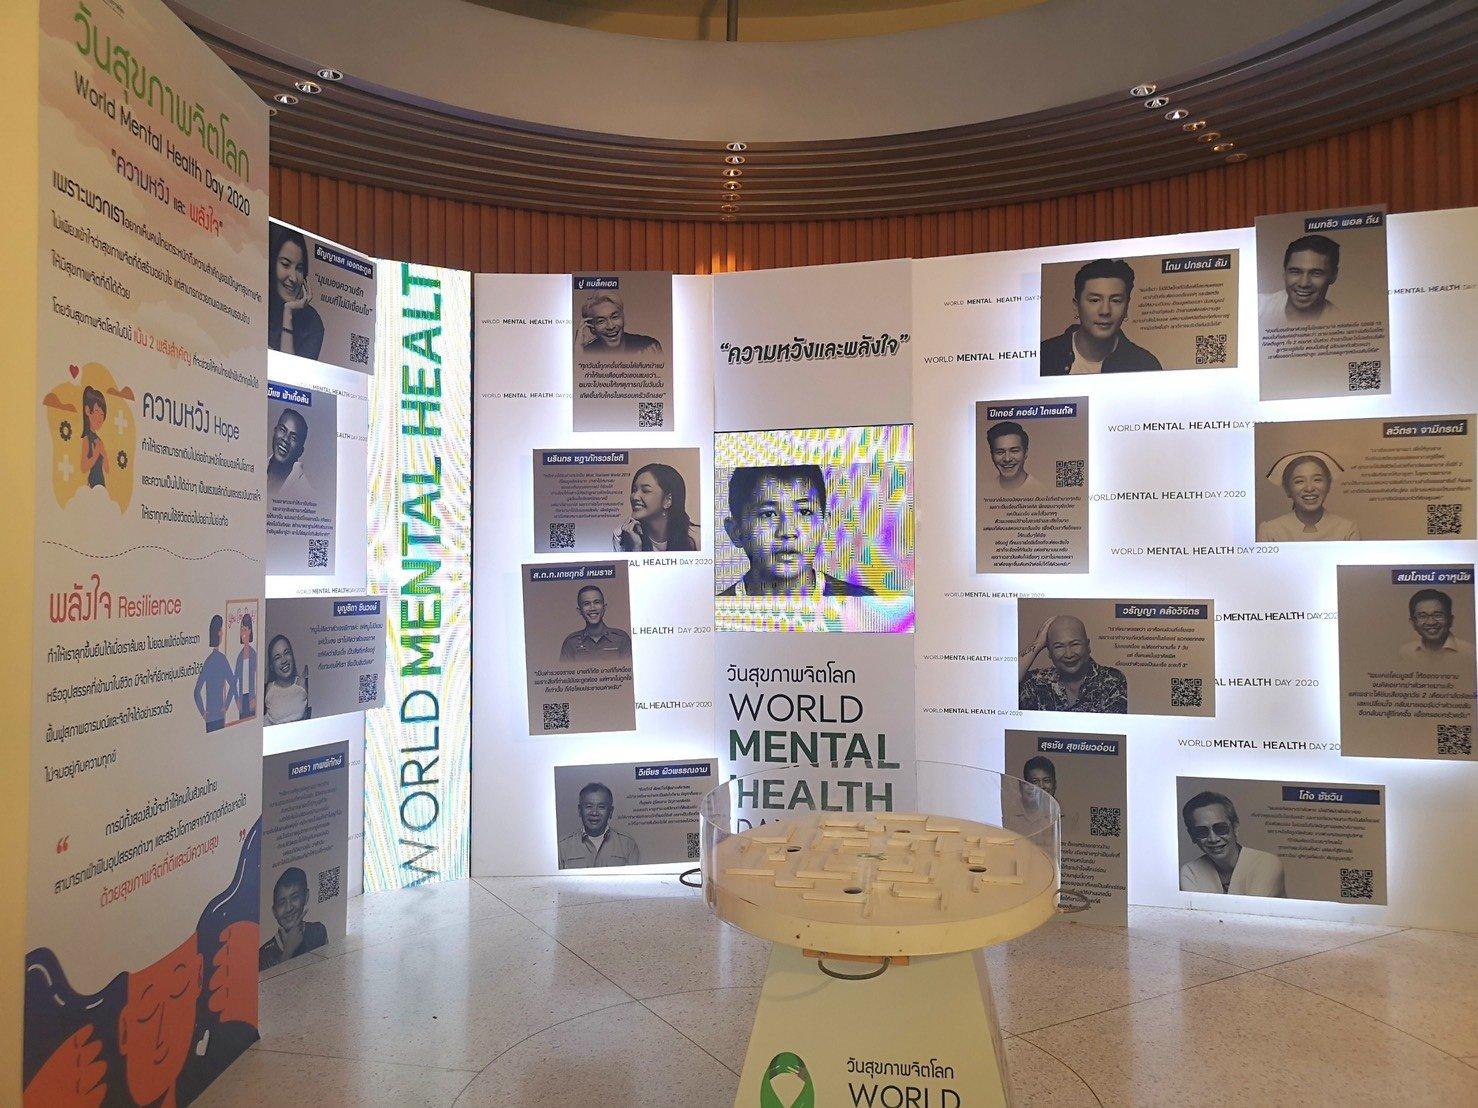 กิจกรรมวันสุขภาพจิตโลกประจำปี 2563 รณรงค์สร้างความหวังและพลังใจ thaihealth